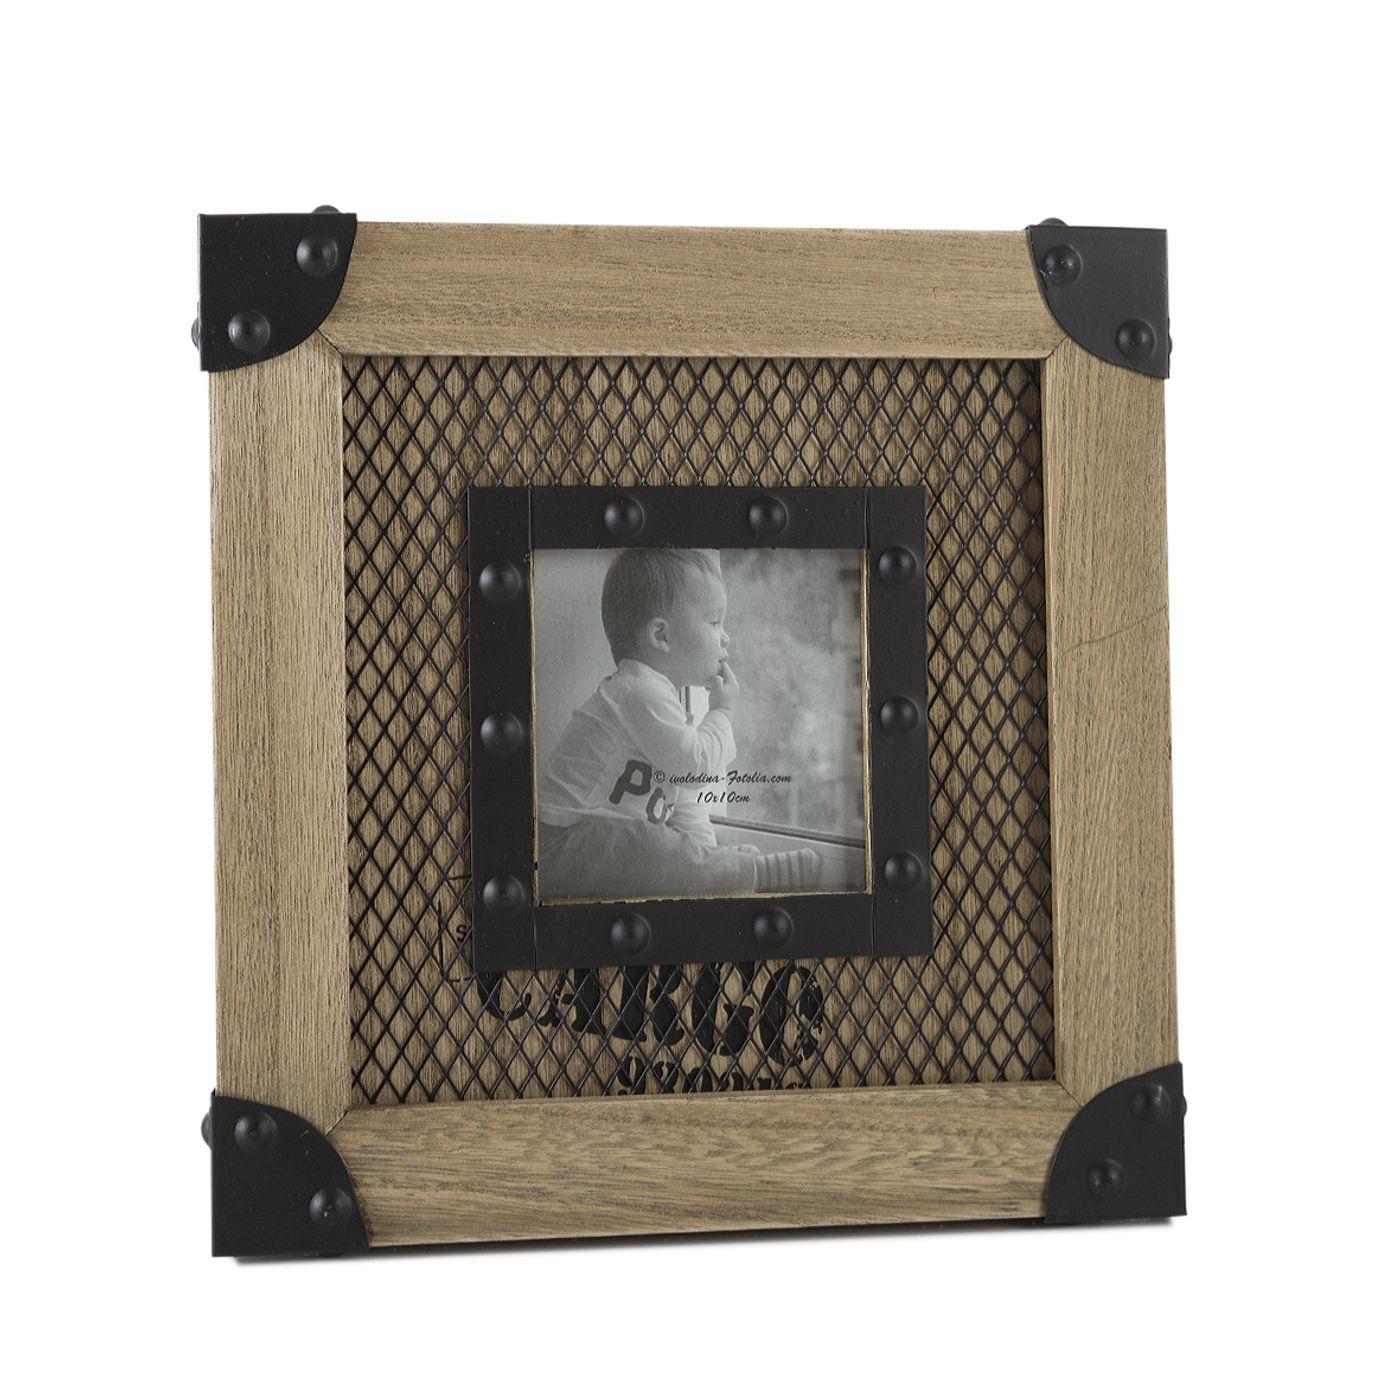 Ramka z drewna i metalu 26 x 26 x 2 cm